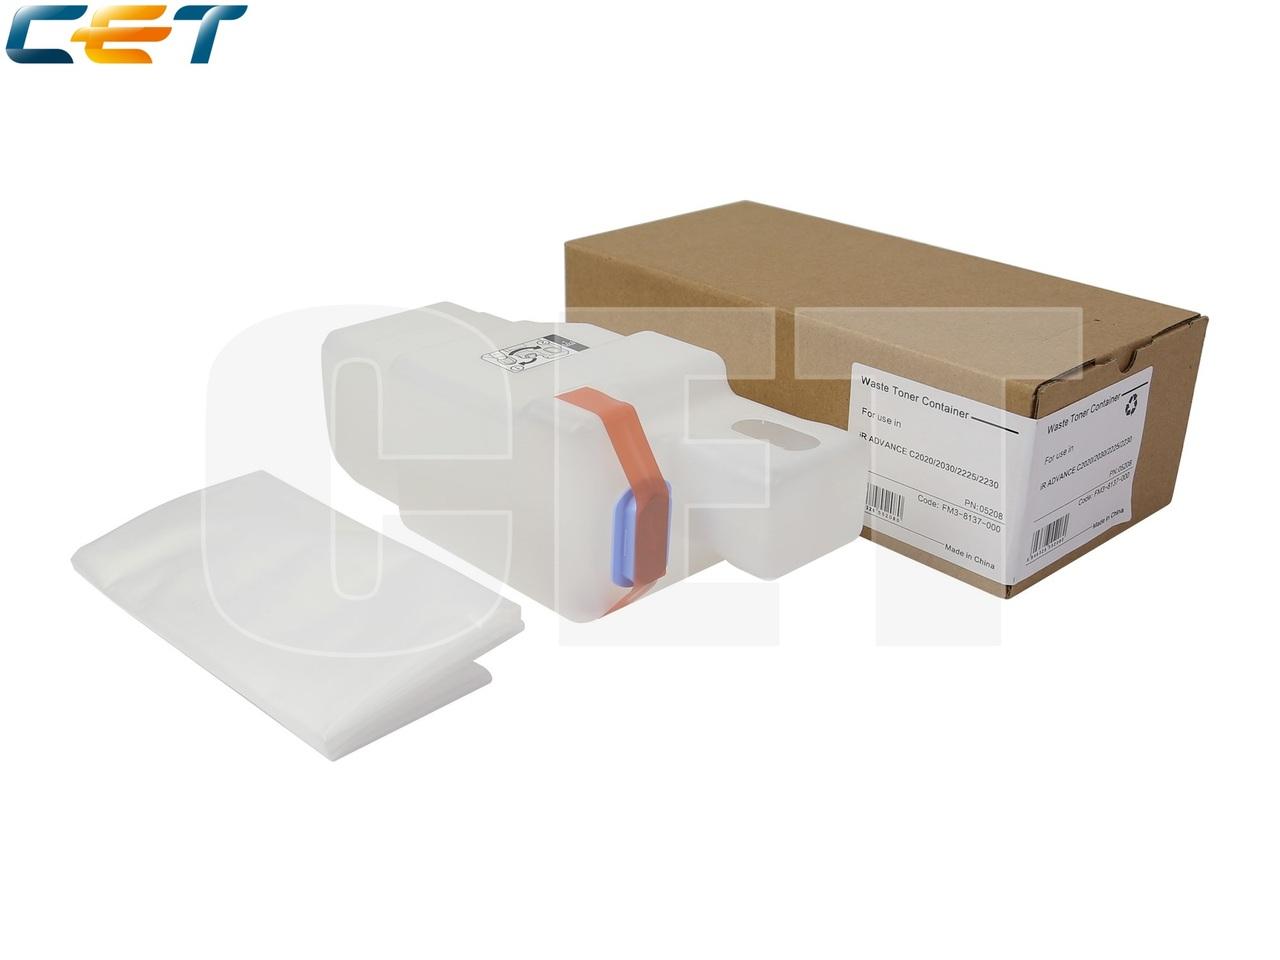 Бункер отработанного тонера FM3-8137-000 для CANON iRADVANCE C2020/C2030/C2225/C2230 (CET), CET5208